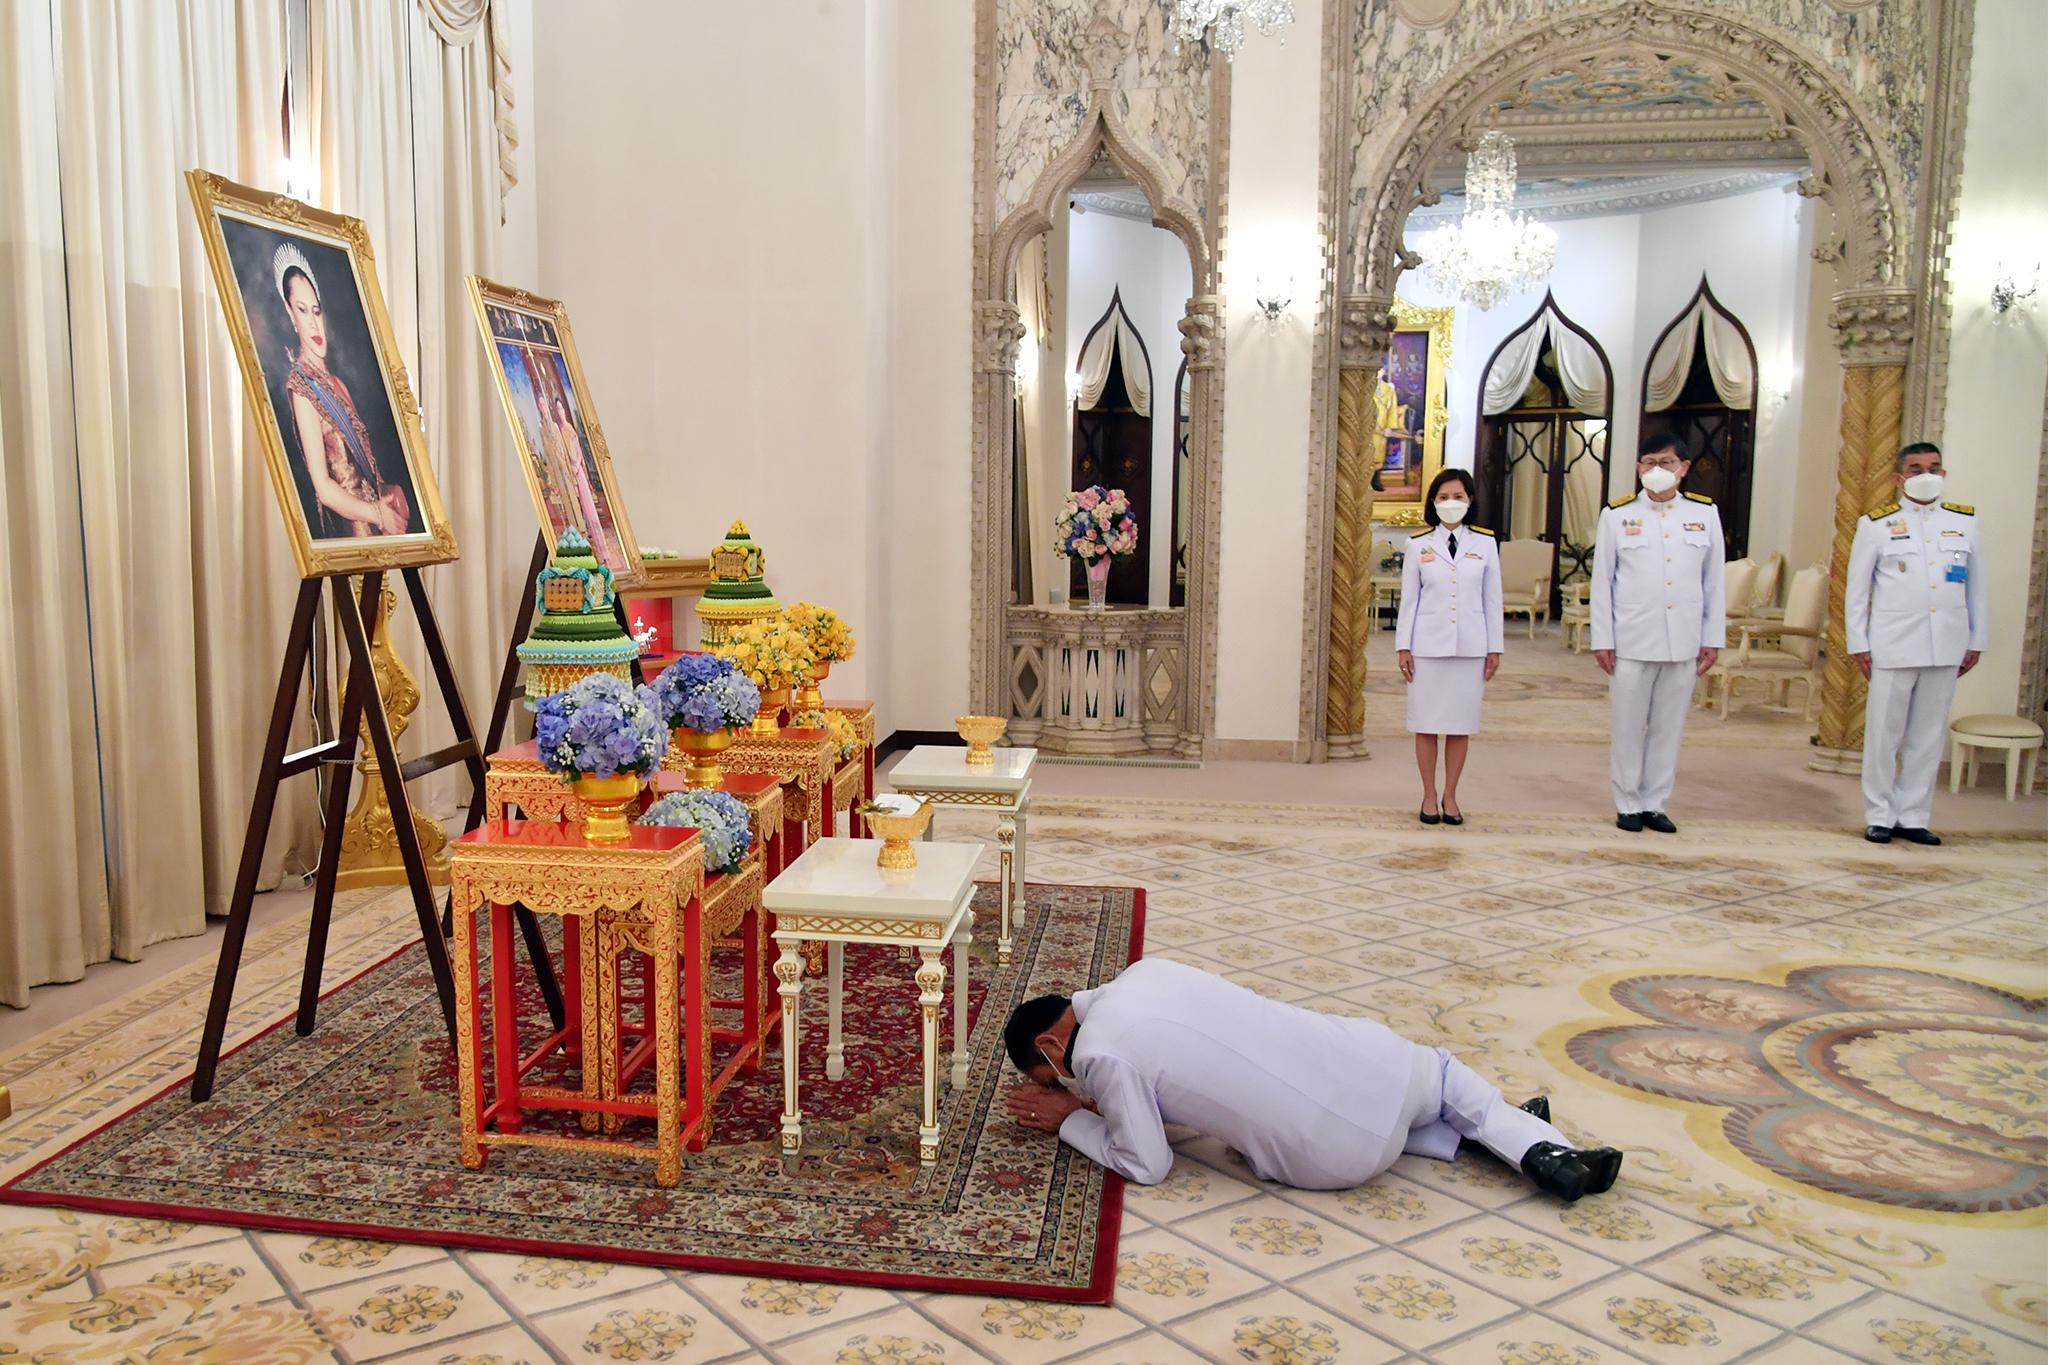 """""""ในหลวง-ราชินี"""" พระราชทานทรัพย์ 99.9 ล้าน ผ่านนายกฯ ช่วย รพ.สนาม-ศูนย์พักคอย รับมือโควิด"""